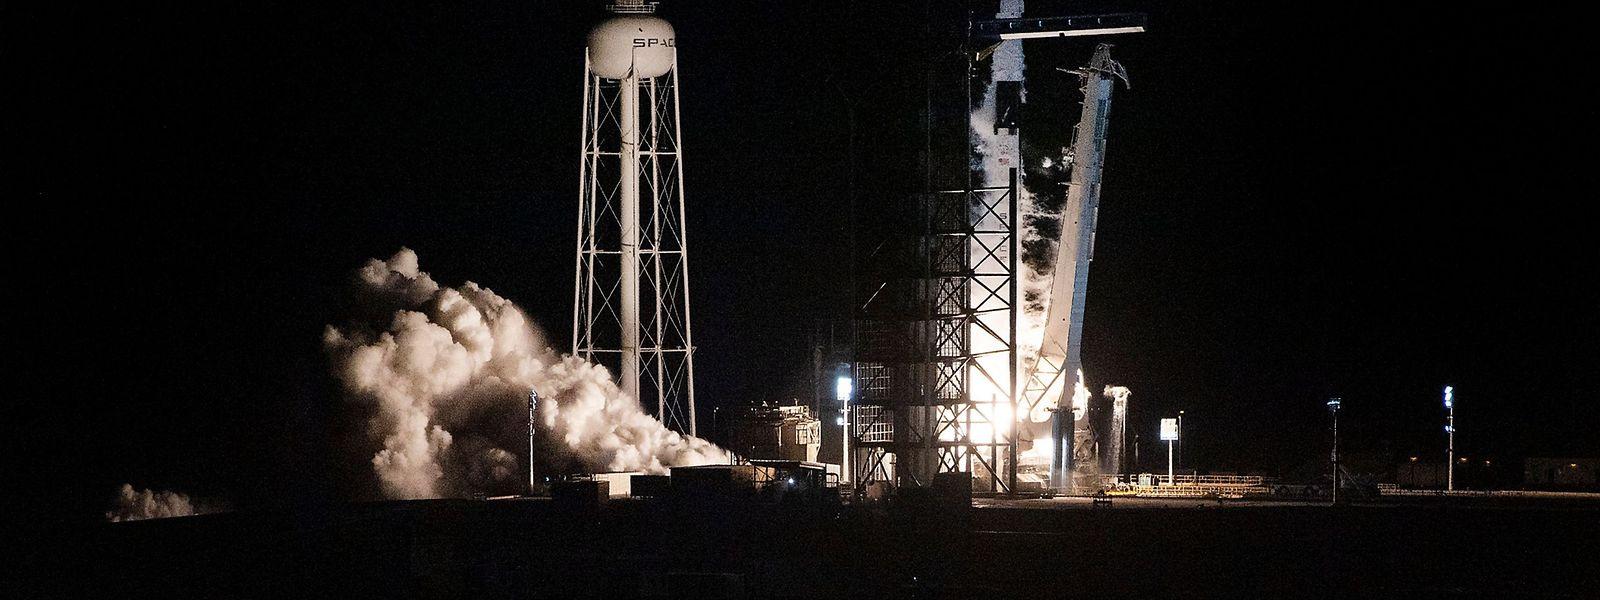 """Eine Falcon-9-Rakete mit dem Raumschiff """"Crew Dragon"""" hob am Samstagmorgen (MEZ) vom Weltraumbahnhof Cape Canaveral im US-Bundesstaat Florida ab."""